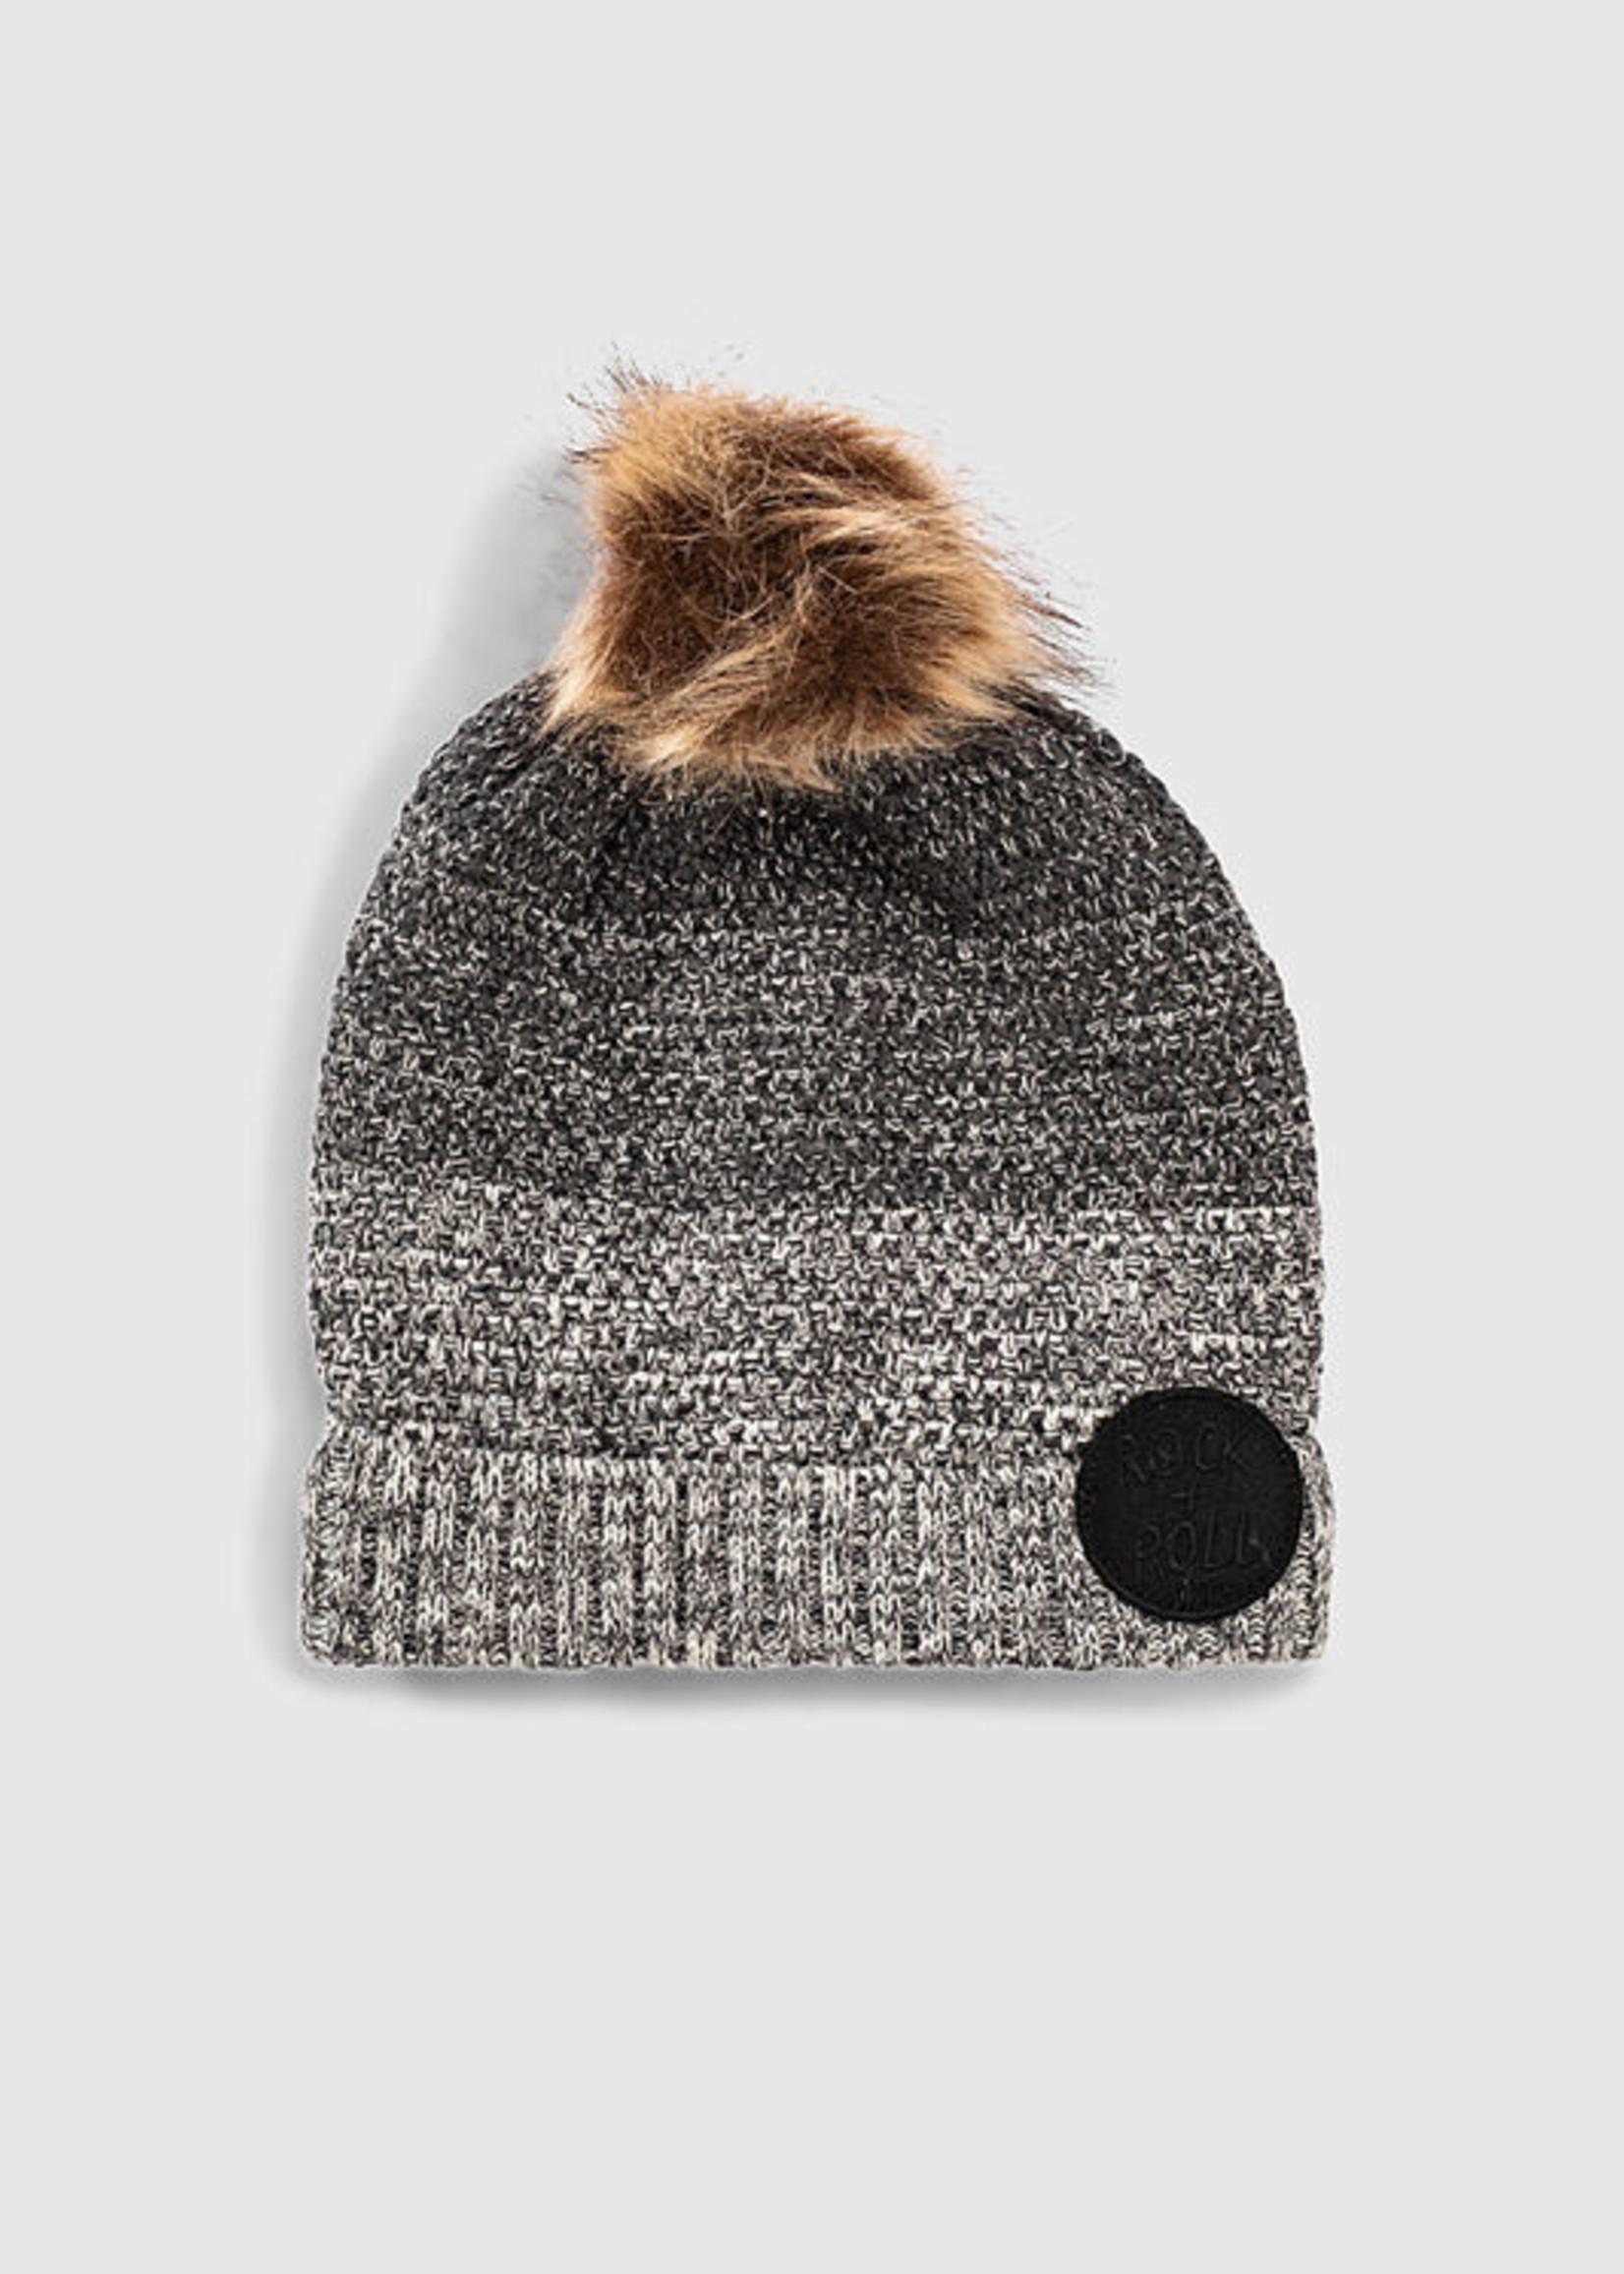 IKKS IKKS cozy rock bonnet pompon